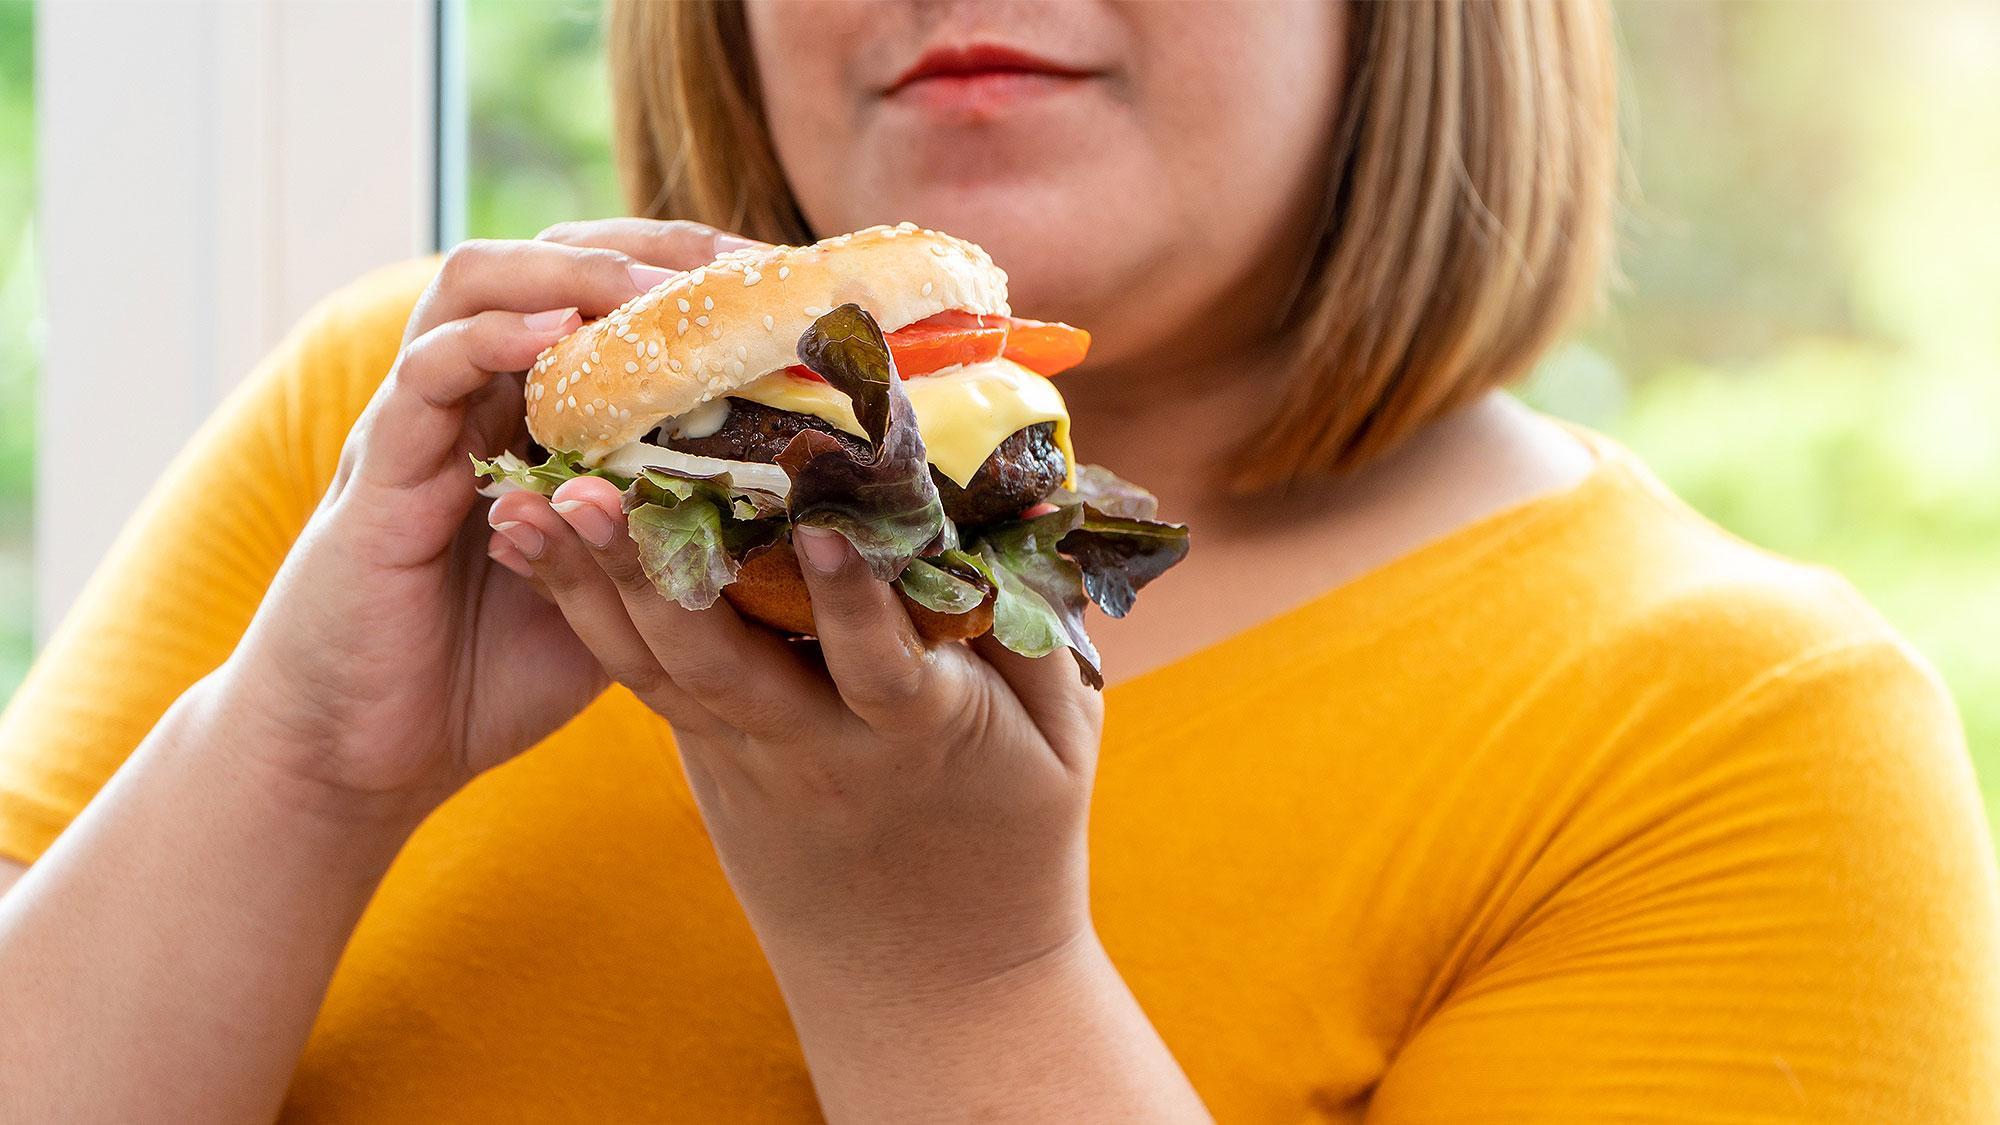 Война с обжорством. Как бороться с перееданием и спасти свою фигуру